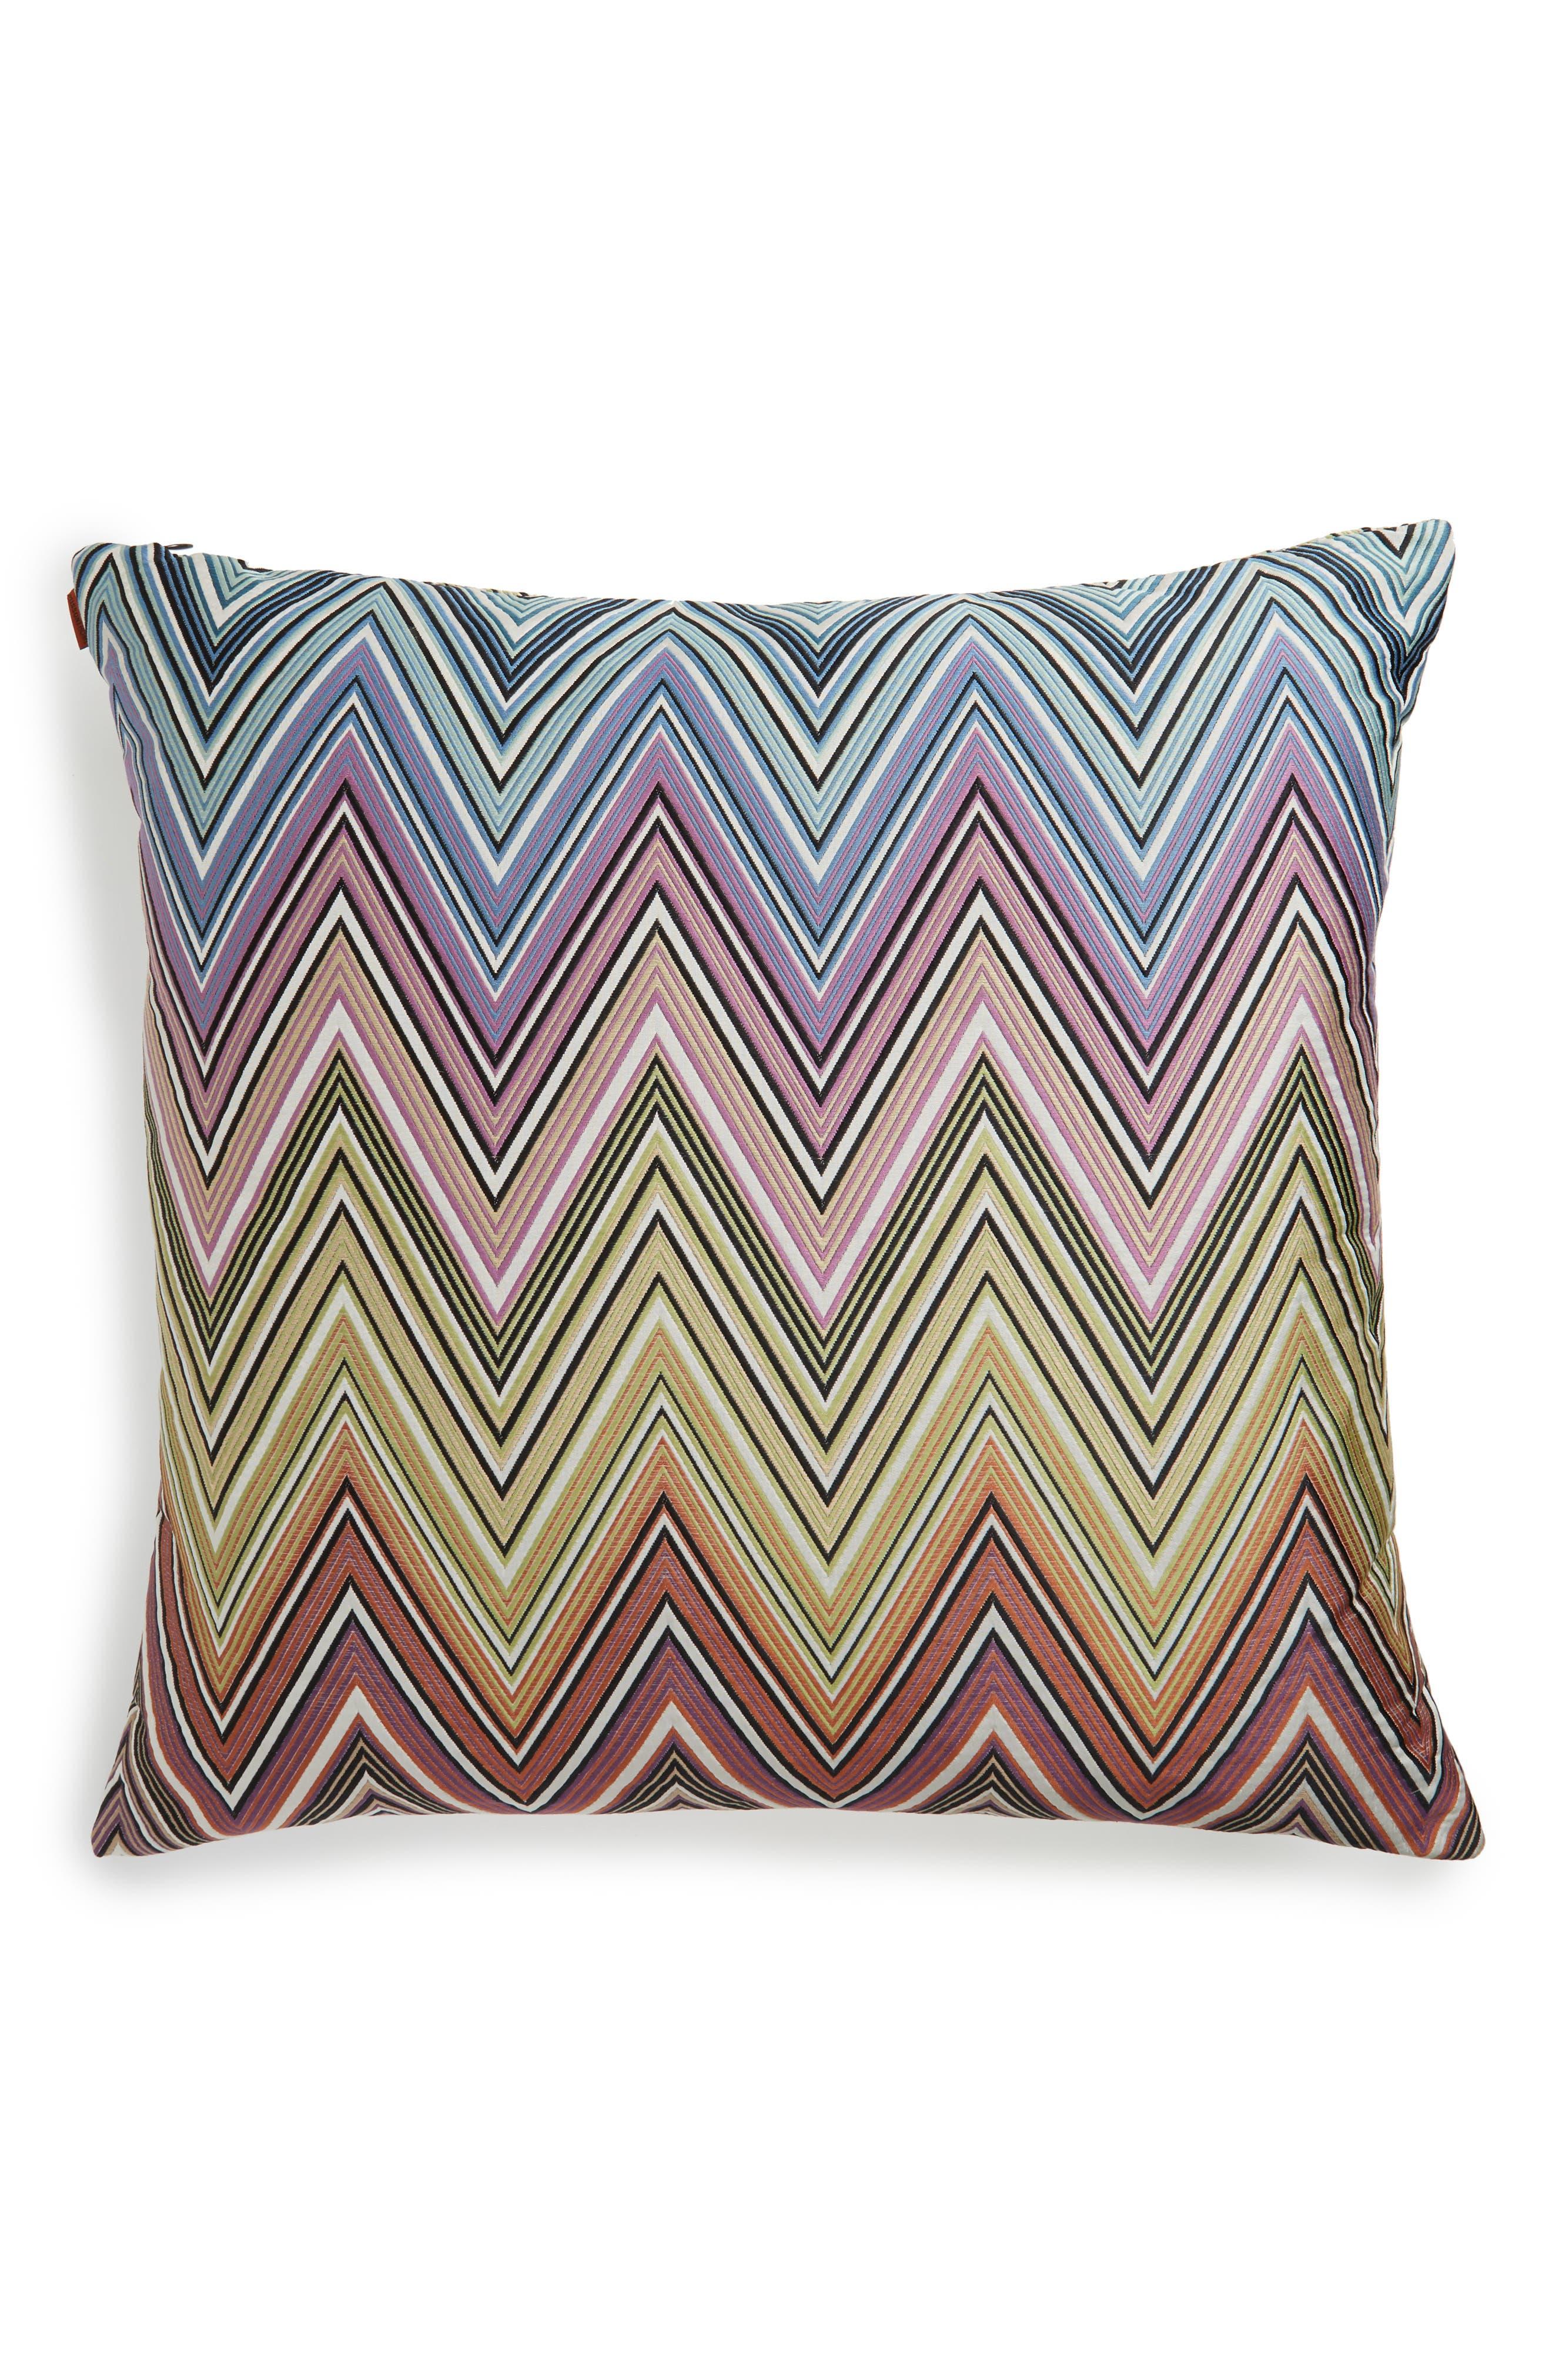 Missoni Kew Accent Pillow